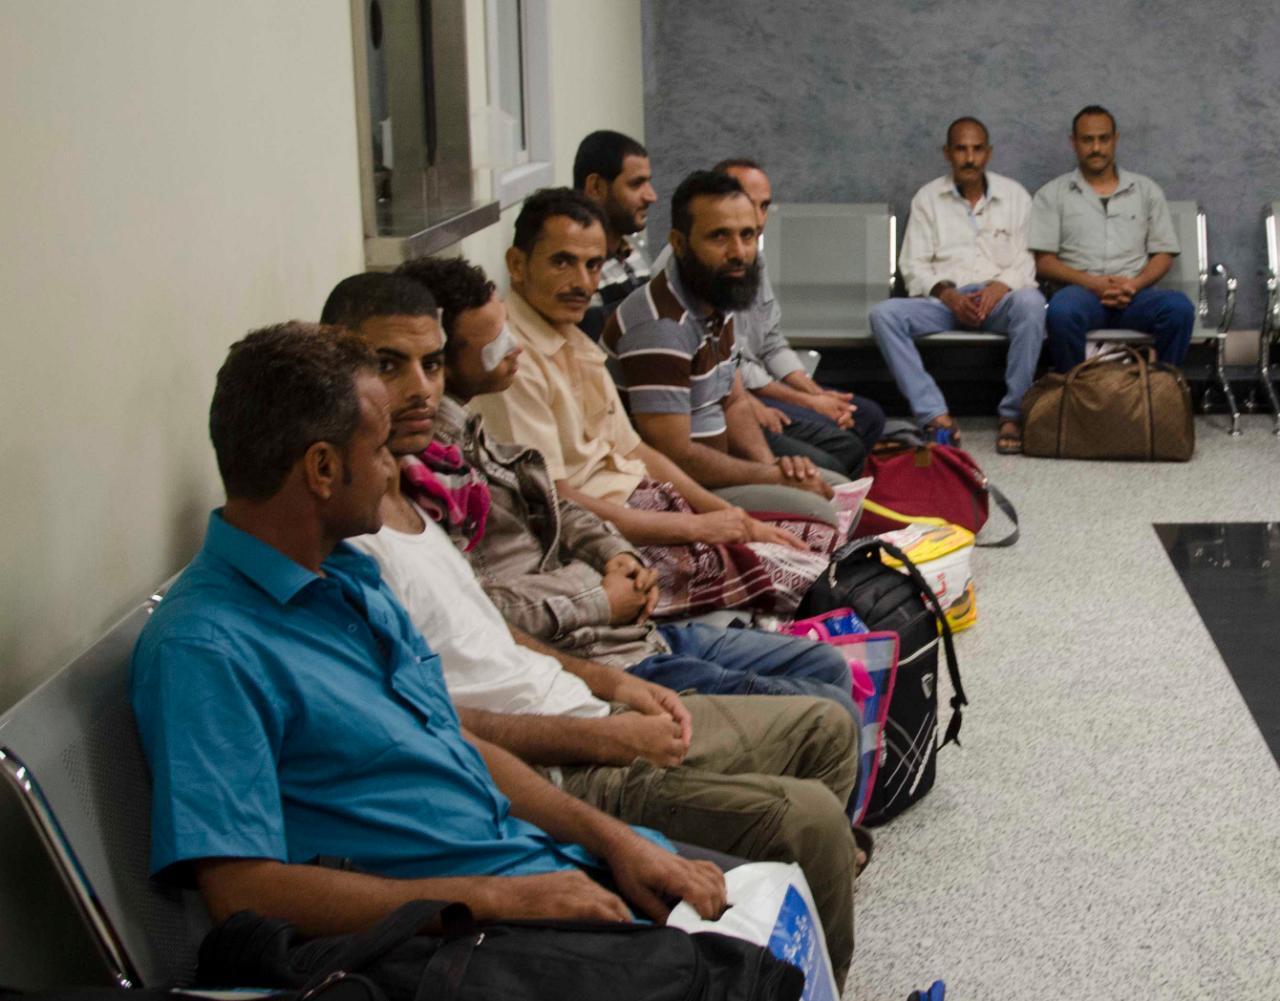 عدد من الجرحى اليمنيين يتلقون العلاج في القاهرة على نفقة الإمارات